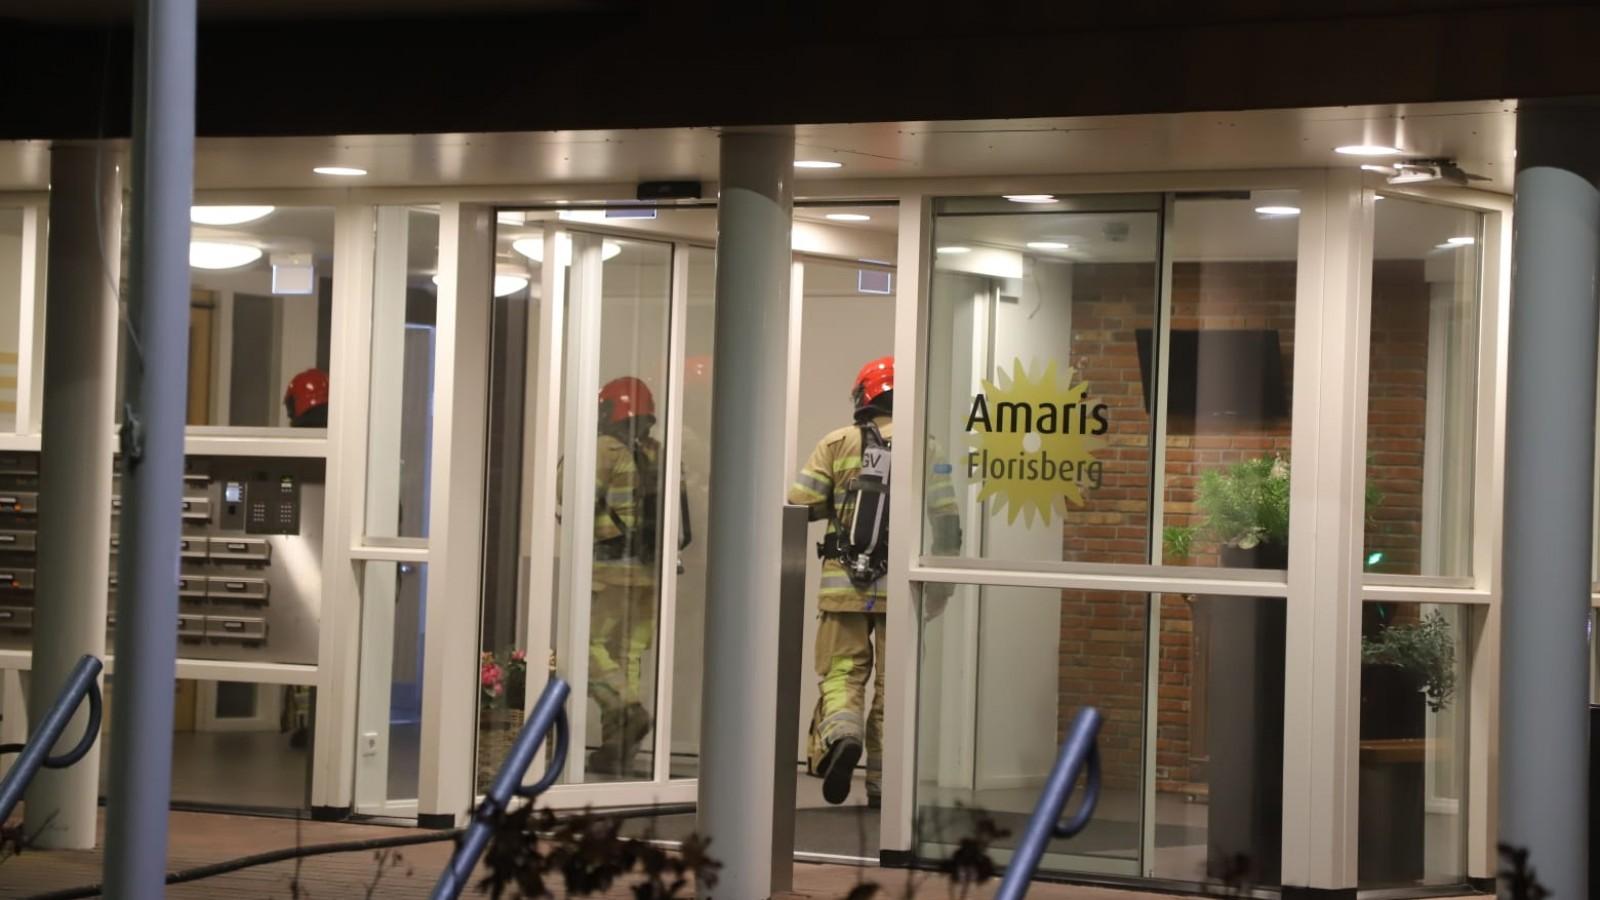 Bewoner Muiderbergs zorgcentrum kwam niet om door brand, maar stierf natuurlijke dood